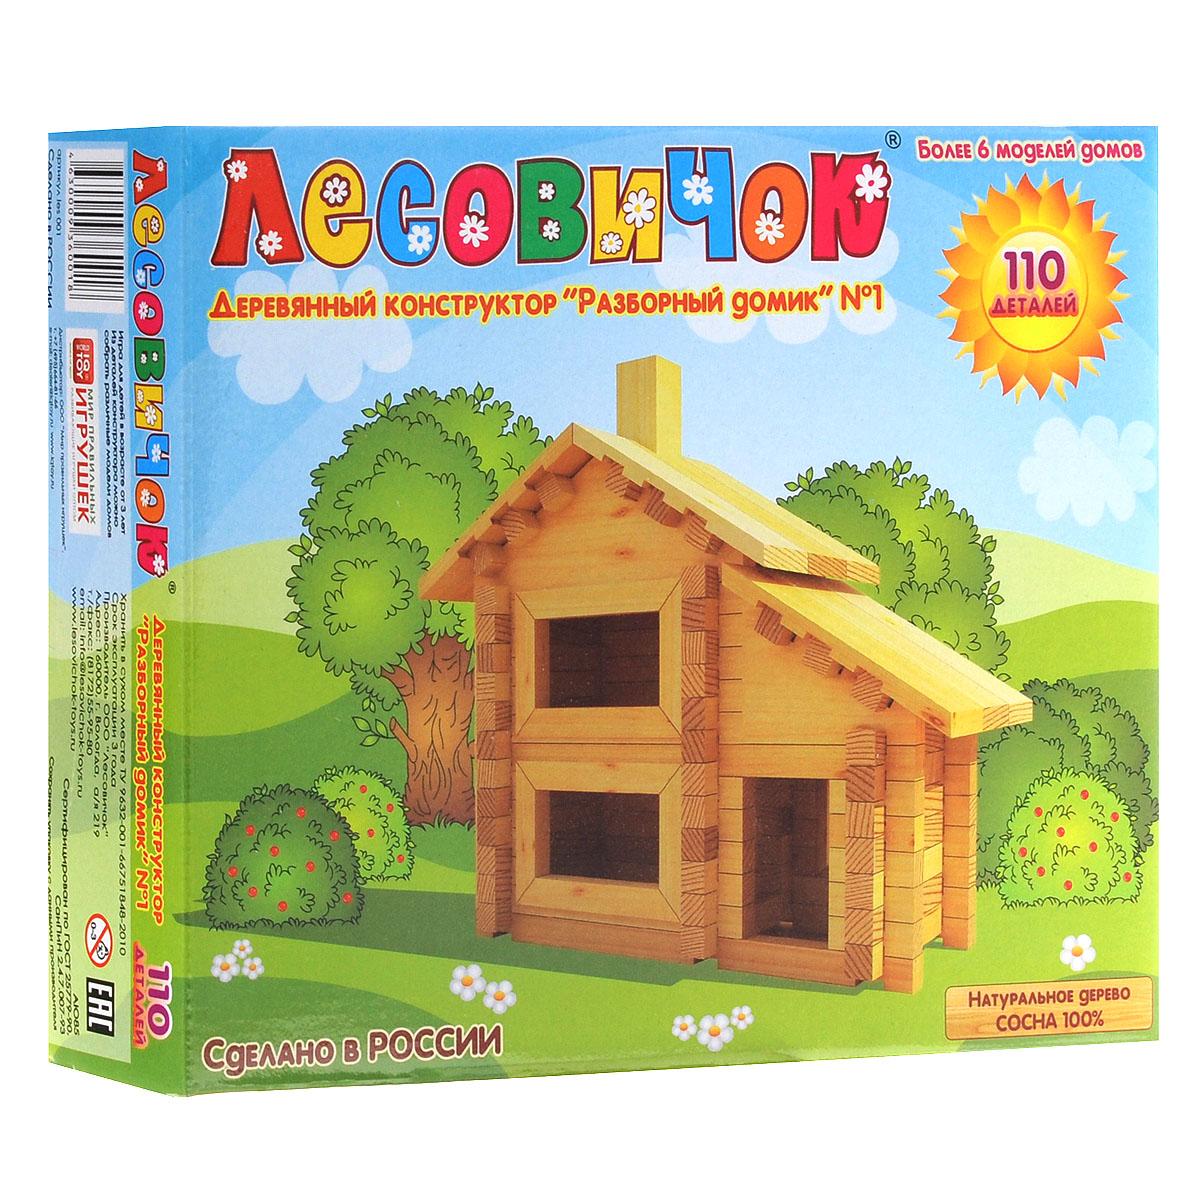 Лесовичок Конструктор Разборный домик №1les 001С помощью элементов конструктора из натурального дерева Лесовичок, ребенок сможет построить миниатюрную модель деревянного домика. Набор включает в себя 110 элементов, из которых можно собрать более 6 вариантов домика. Различие между наборами заключается в количестве и разнообразии деталей и, как следствие, в количестве и сложности построек, которые можно выполнить из данного набора. Лесовичок - российский производитель, выпускающий всю продукцию на собственном деревообрабатывающем предприятии в России. Для изготовления конструкторов используется только отборная древесина (сосна). Все детали конструктора - чистая шлифованная древесина без какого-либо покрытия: лака или краски. Детали конструктора легко скрепляются между собой, что позволяет юному строителю без труда собрать деревянную поделку. Из одного набора можно построить несколько самых разнообразных сооружений. При желании собранный домик можно покрасить, сделав его неразборной игрушкой или деталью интерьера детской...